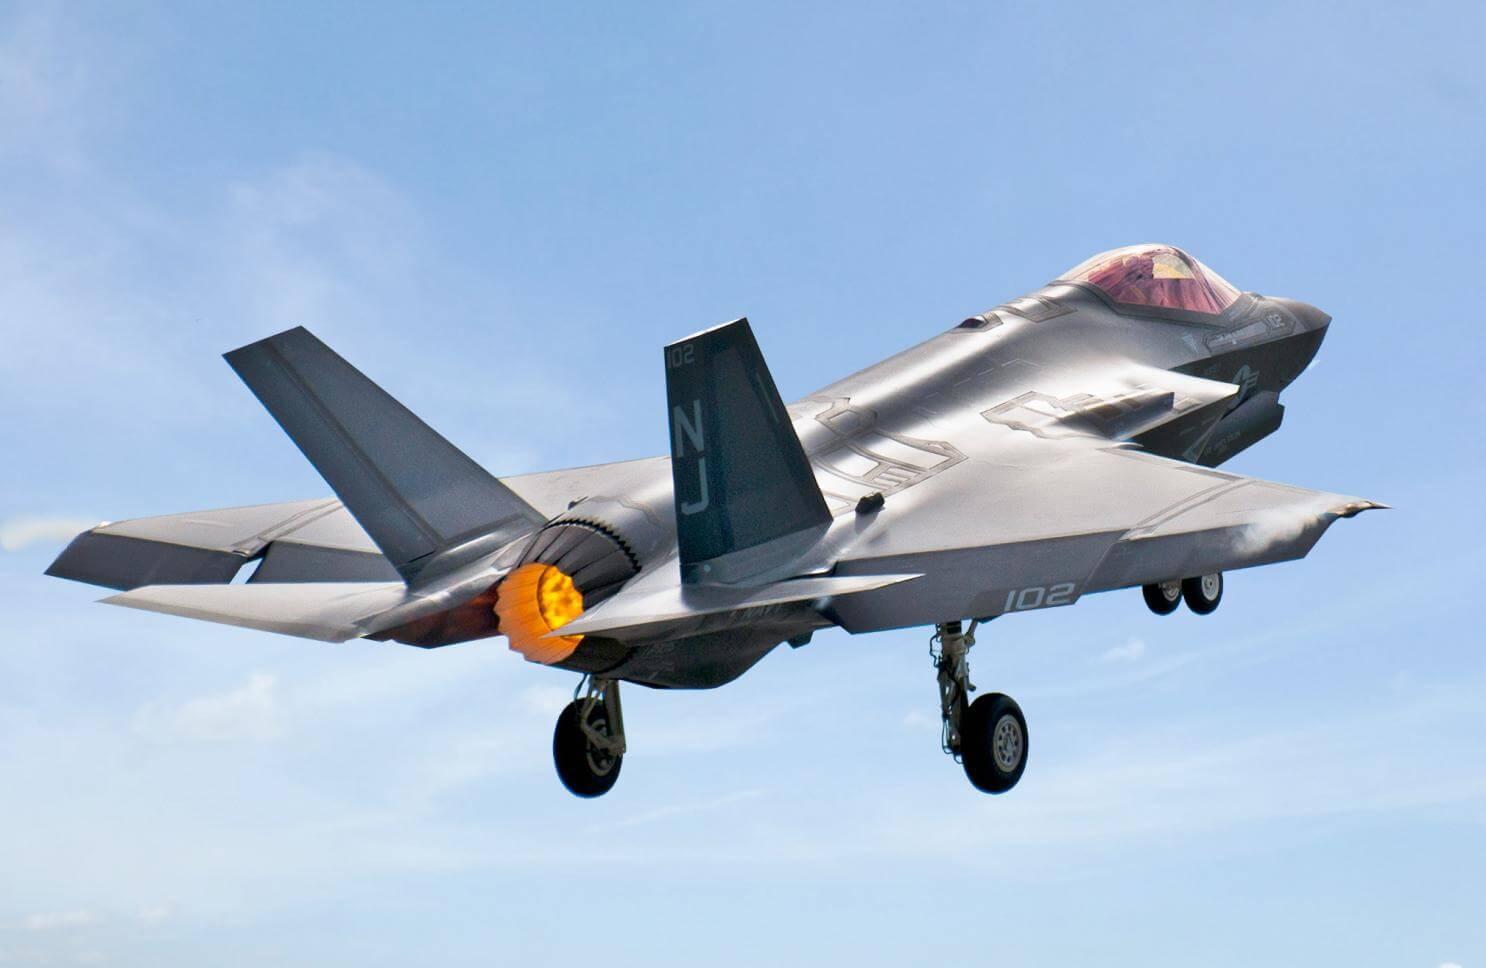 """Το Πεντάγωνο ψάχνει 16 δις δολάρια για να """"σώσει"""" το """"τζούφιο"""" F-35!"""